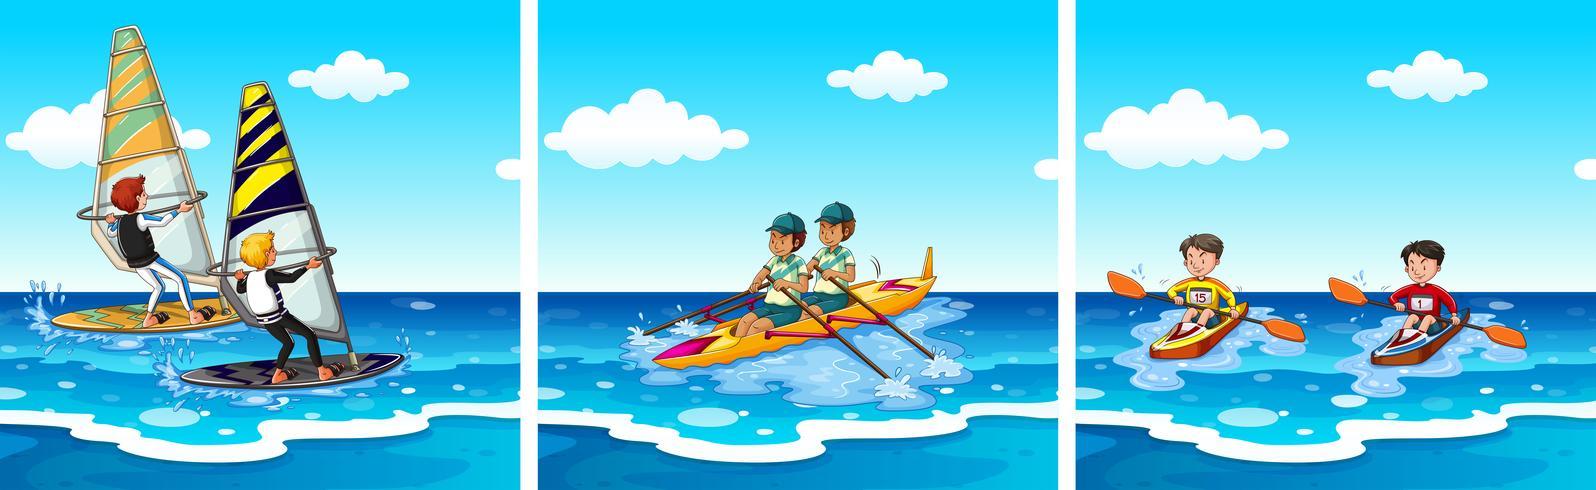 Personnes pratiquant des sports nautiques en mer